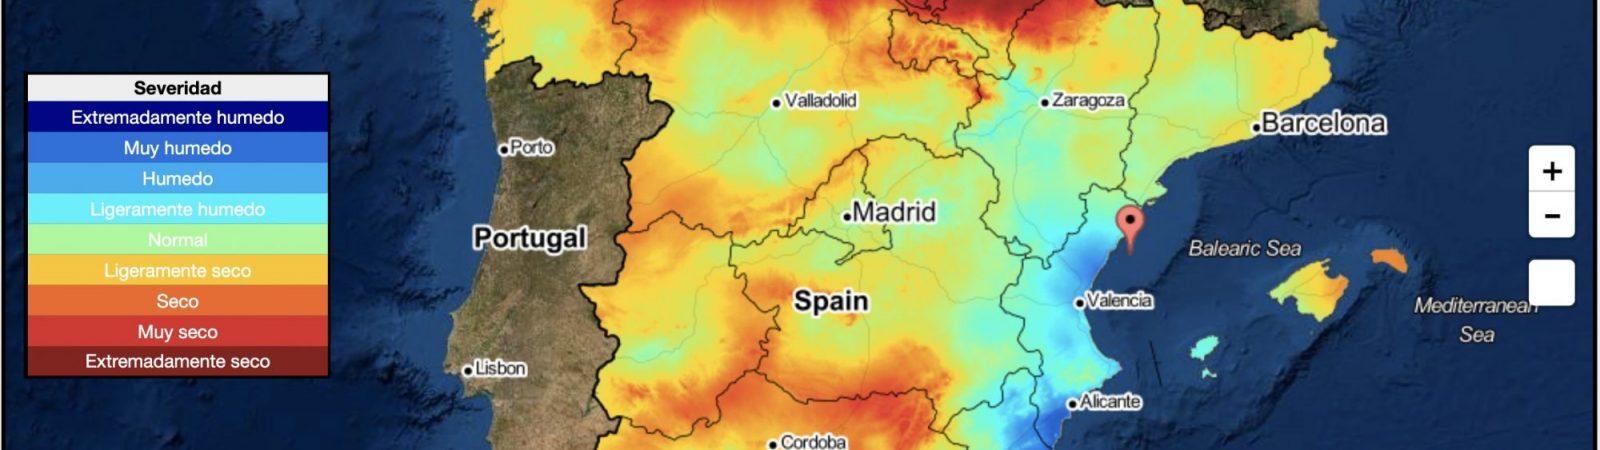 Desemon, el monitor de sequía que presenta España se autodescribe como una alternativa para gestionar mejor un fenómeno cada vez más usual.